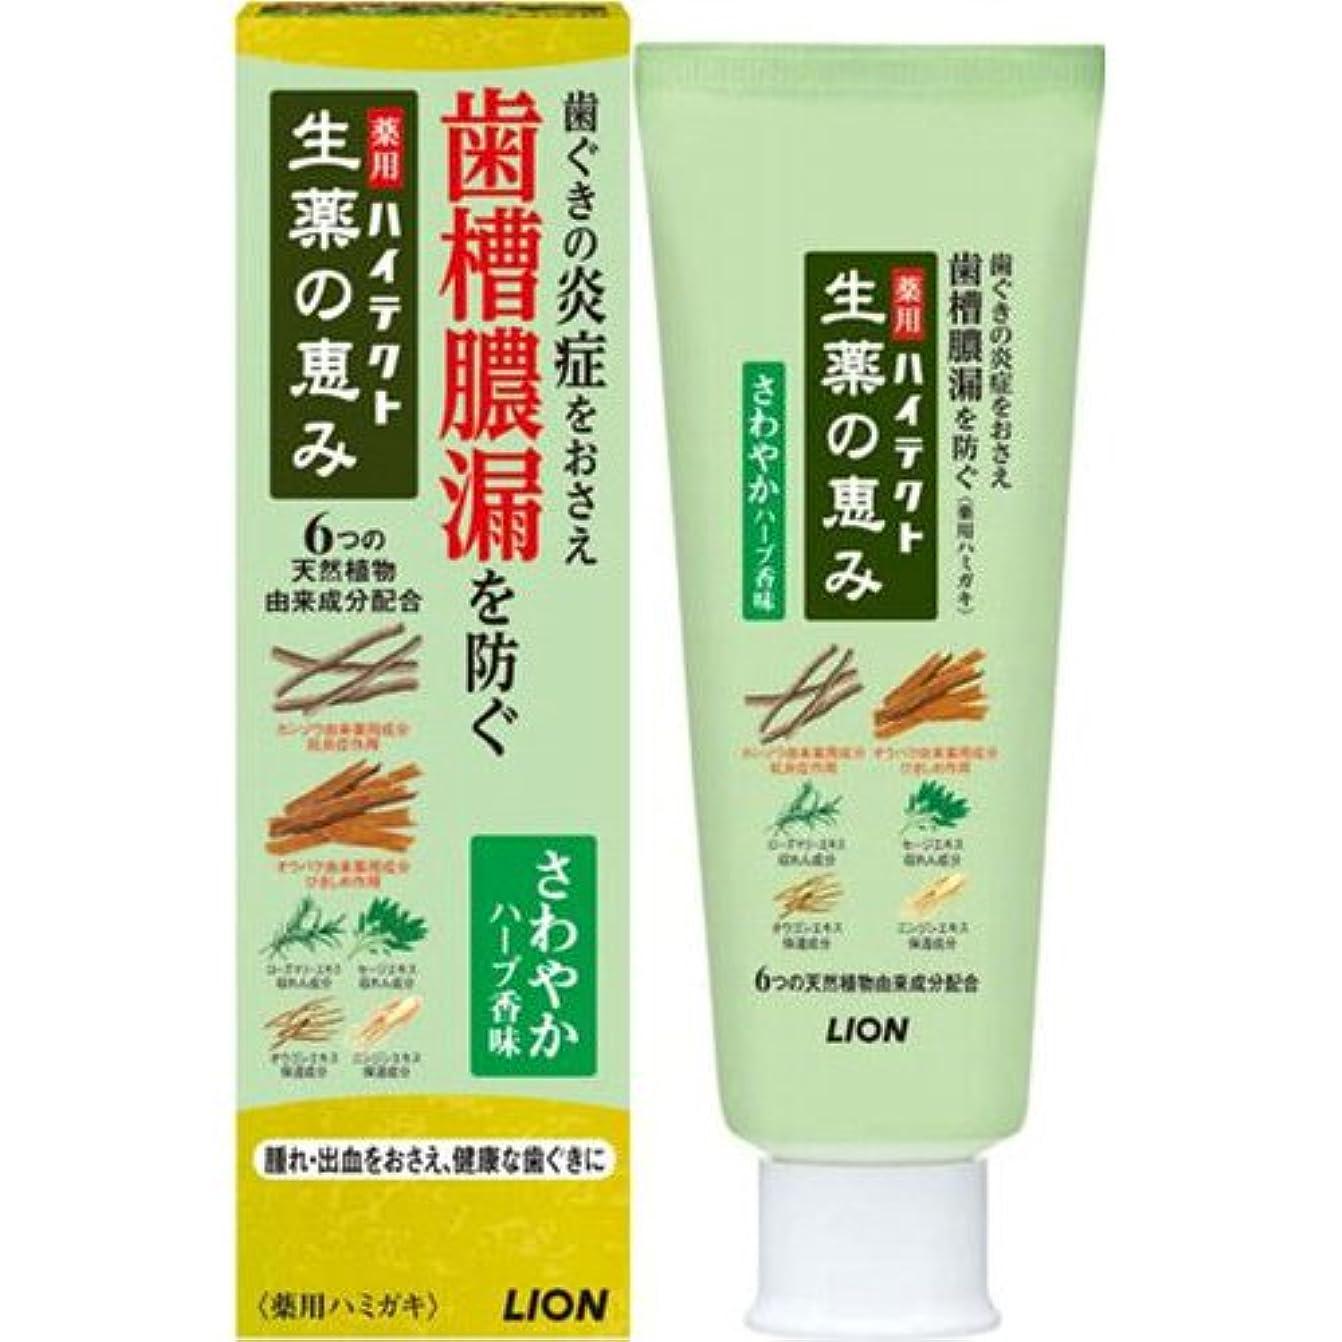 ぬるいグレー準備【ライオン】ハイテクト 生薬の恵み さわやかハーブ香味 90g ×3個セット